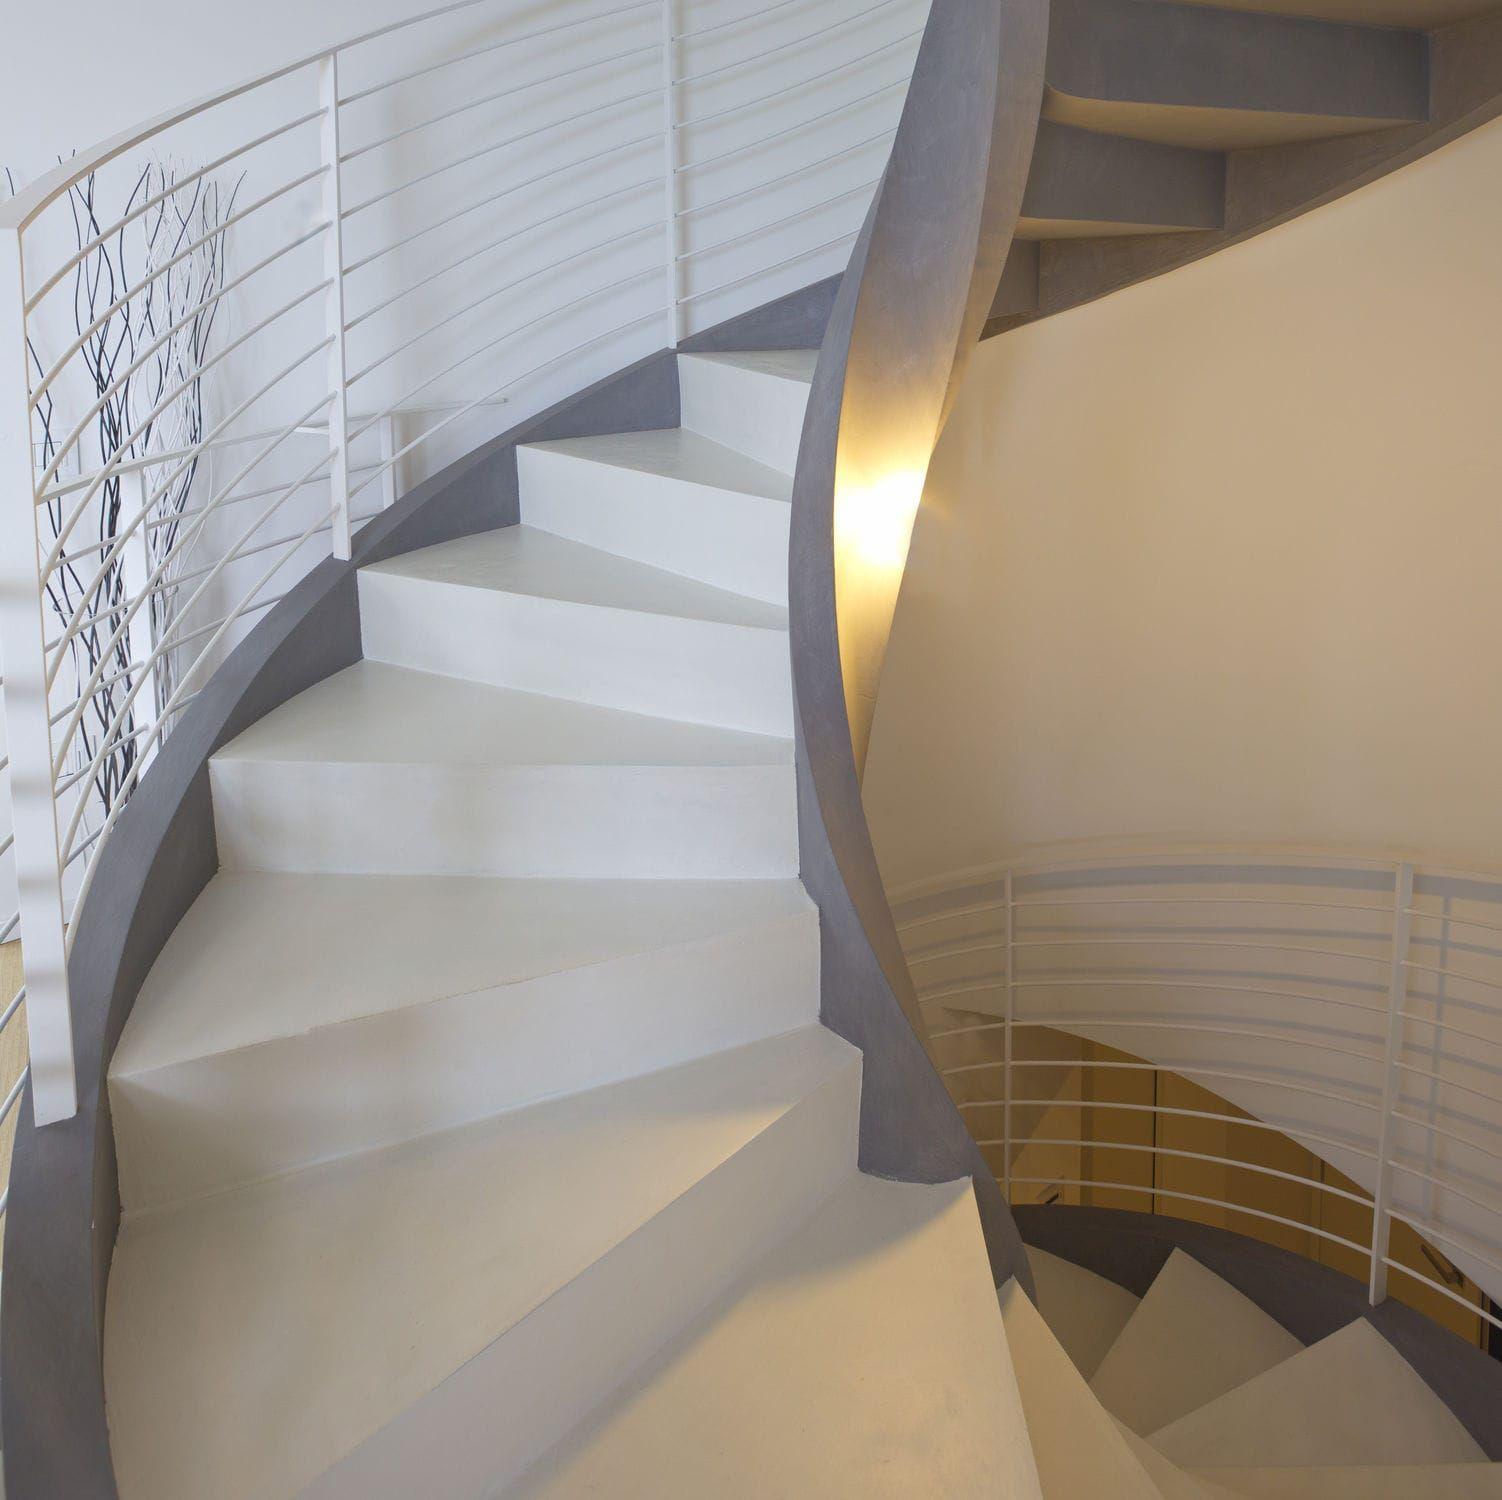 escalier en colima on structure en b ton marche en bois avec contremarche eli ca 06 rizzi. Black Bedroom Furniture Sets. Home Design Ideas